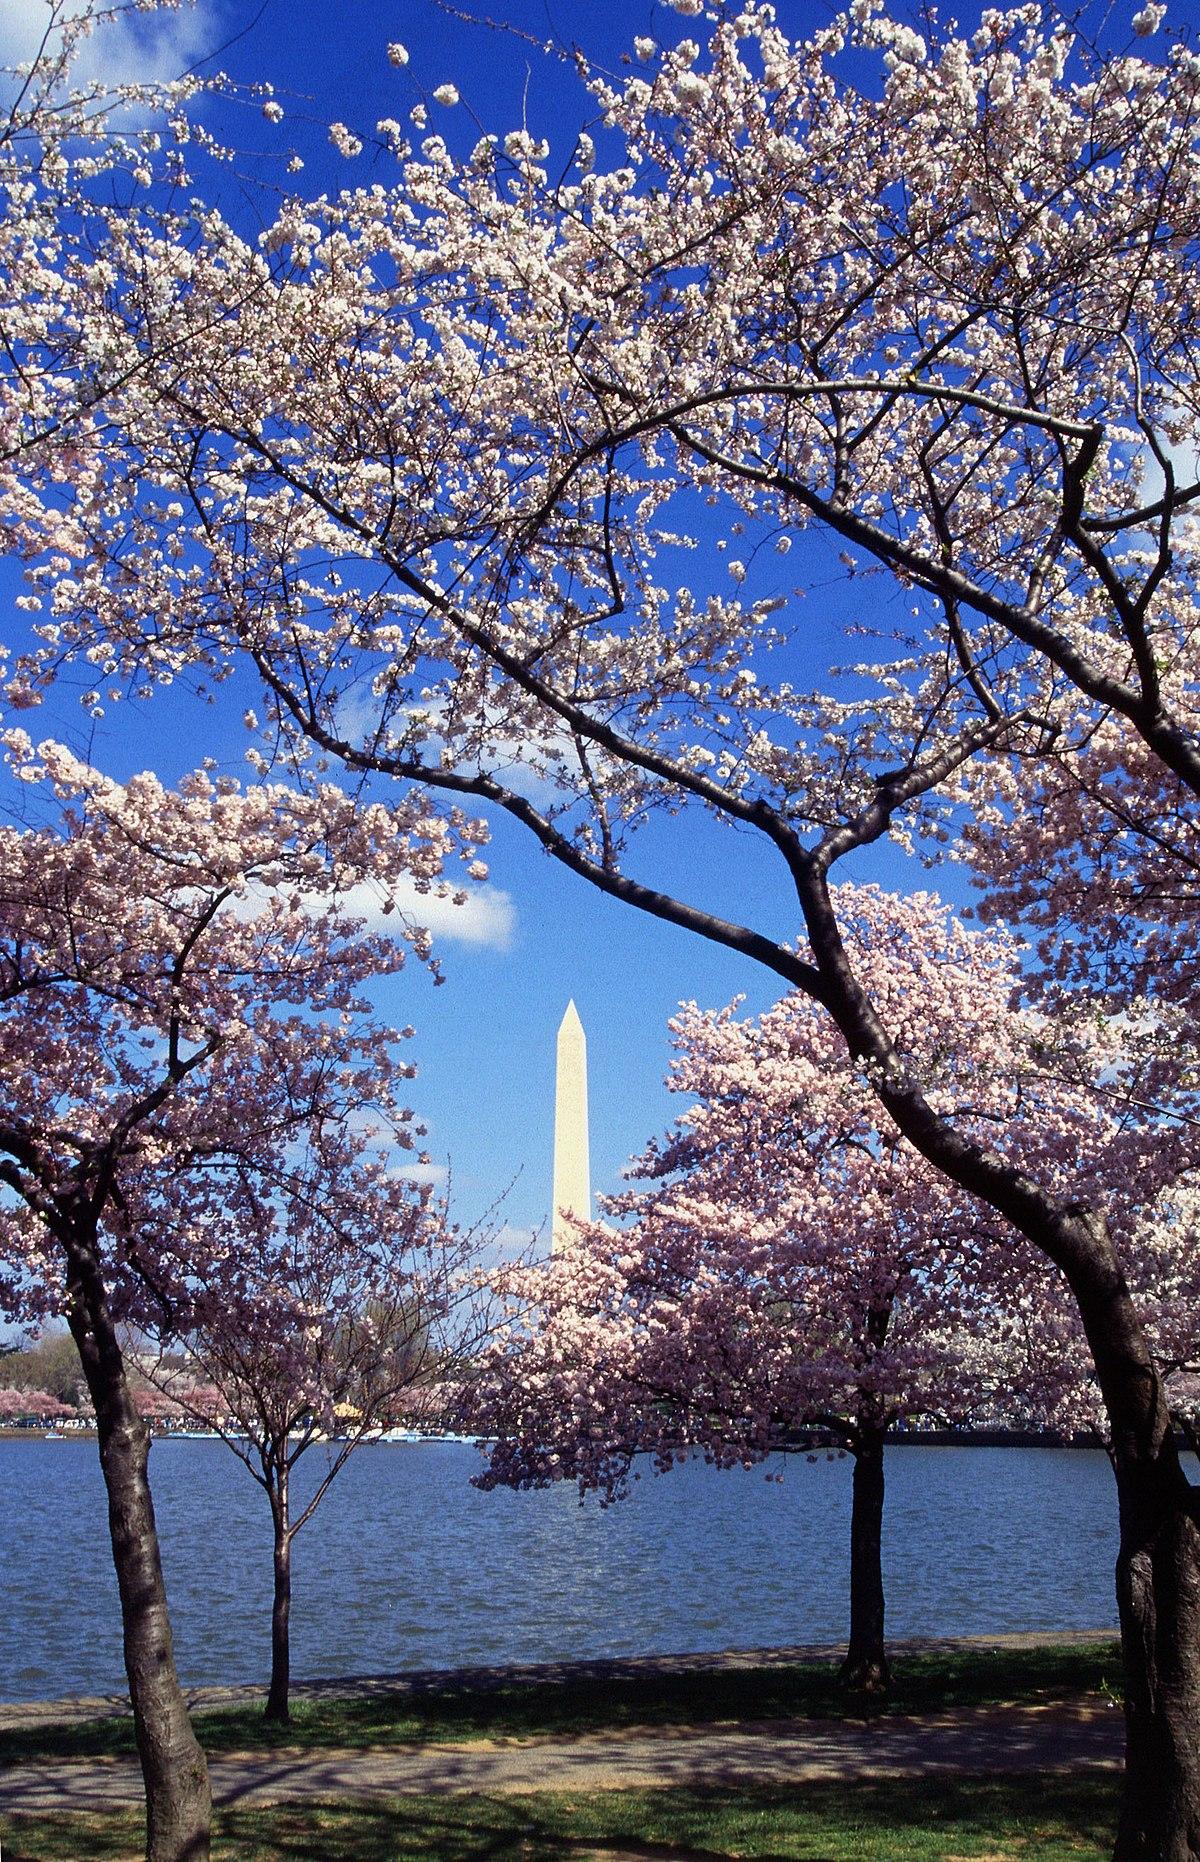 Arbol De Cerezo Japones festival nacional de los cerezos en flor - wikipedia, la